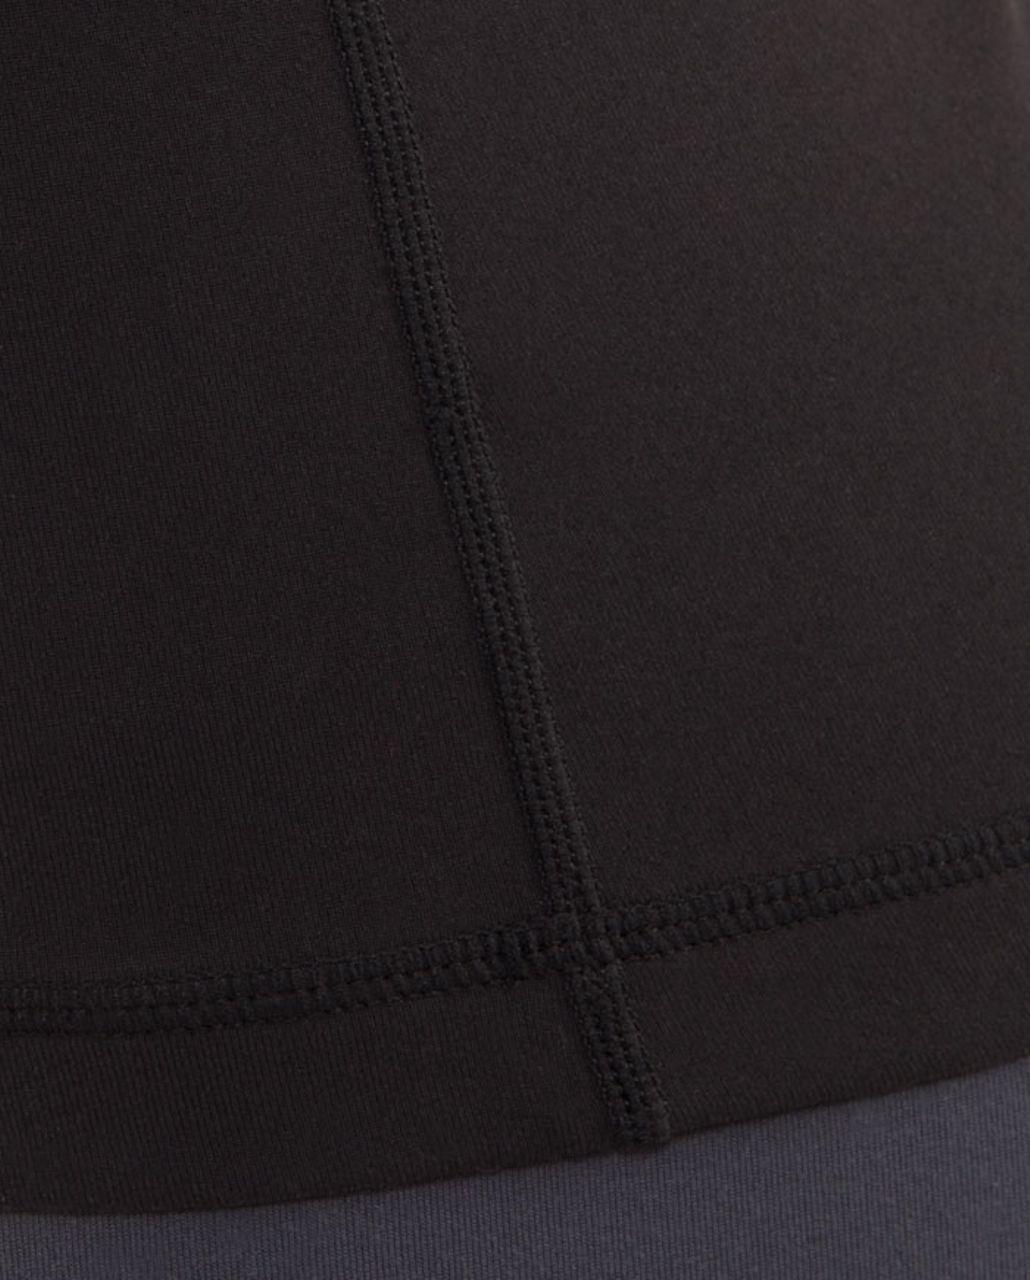 Lululemon Scoop Neck Tank - Black /  Black Glacier Lace Embossed